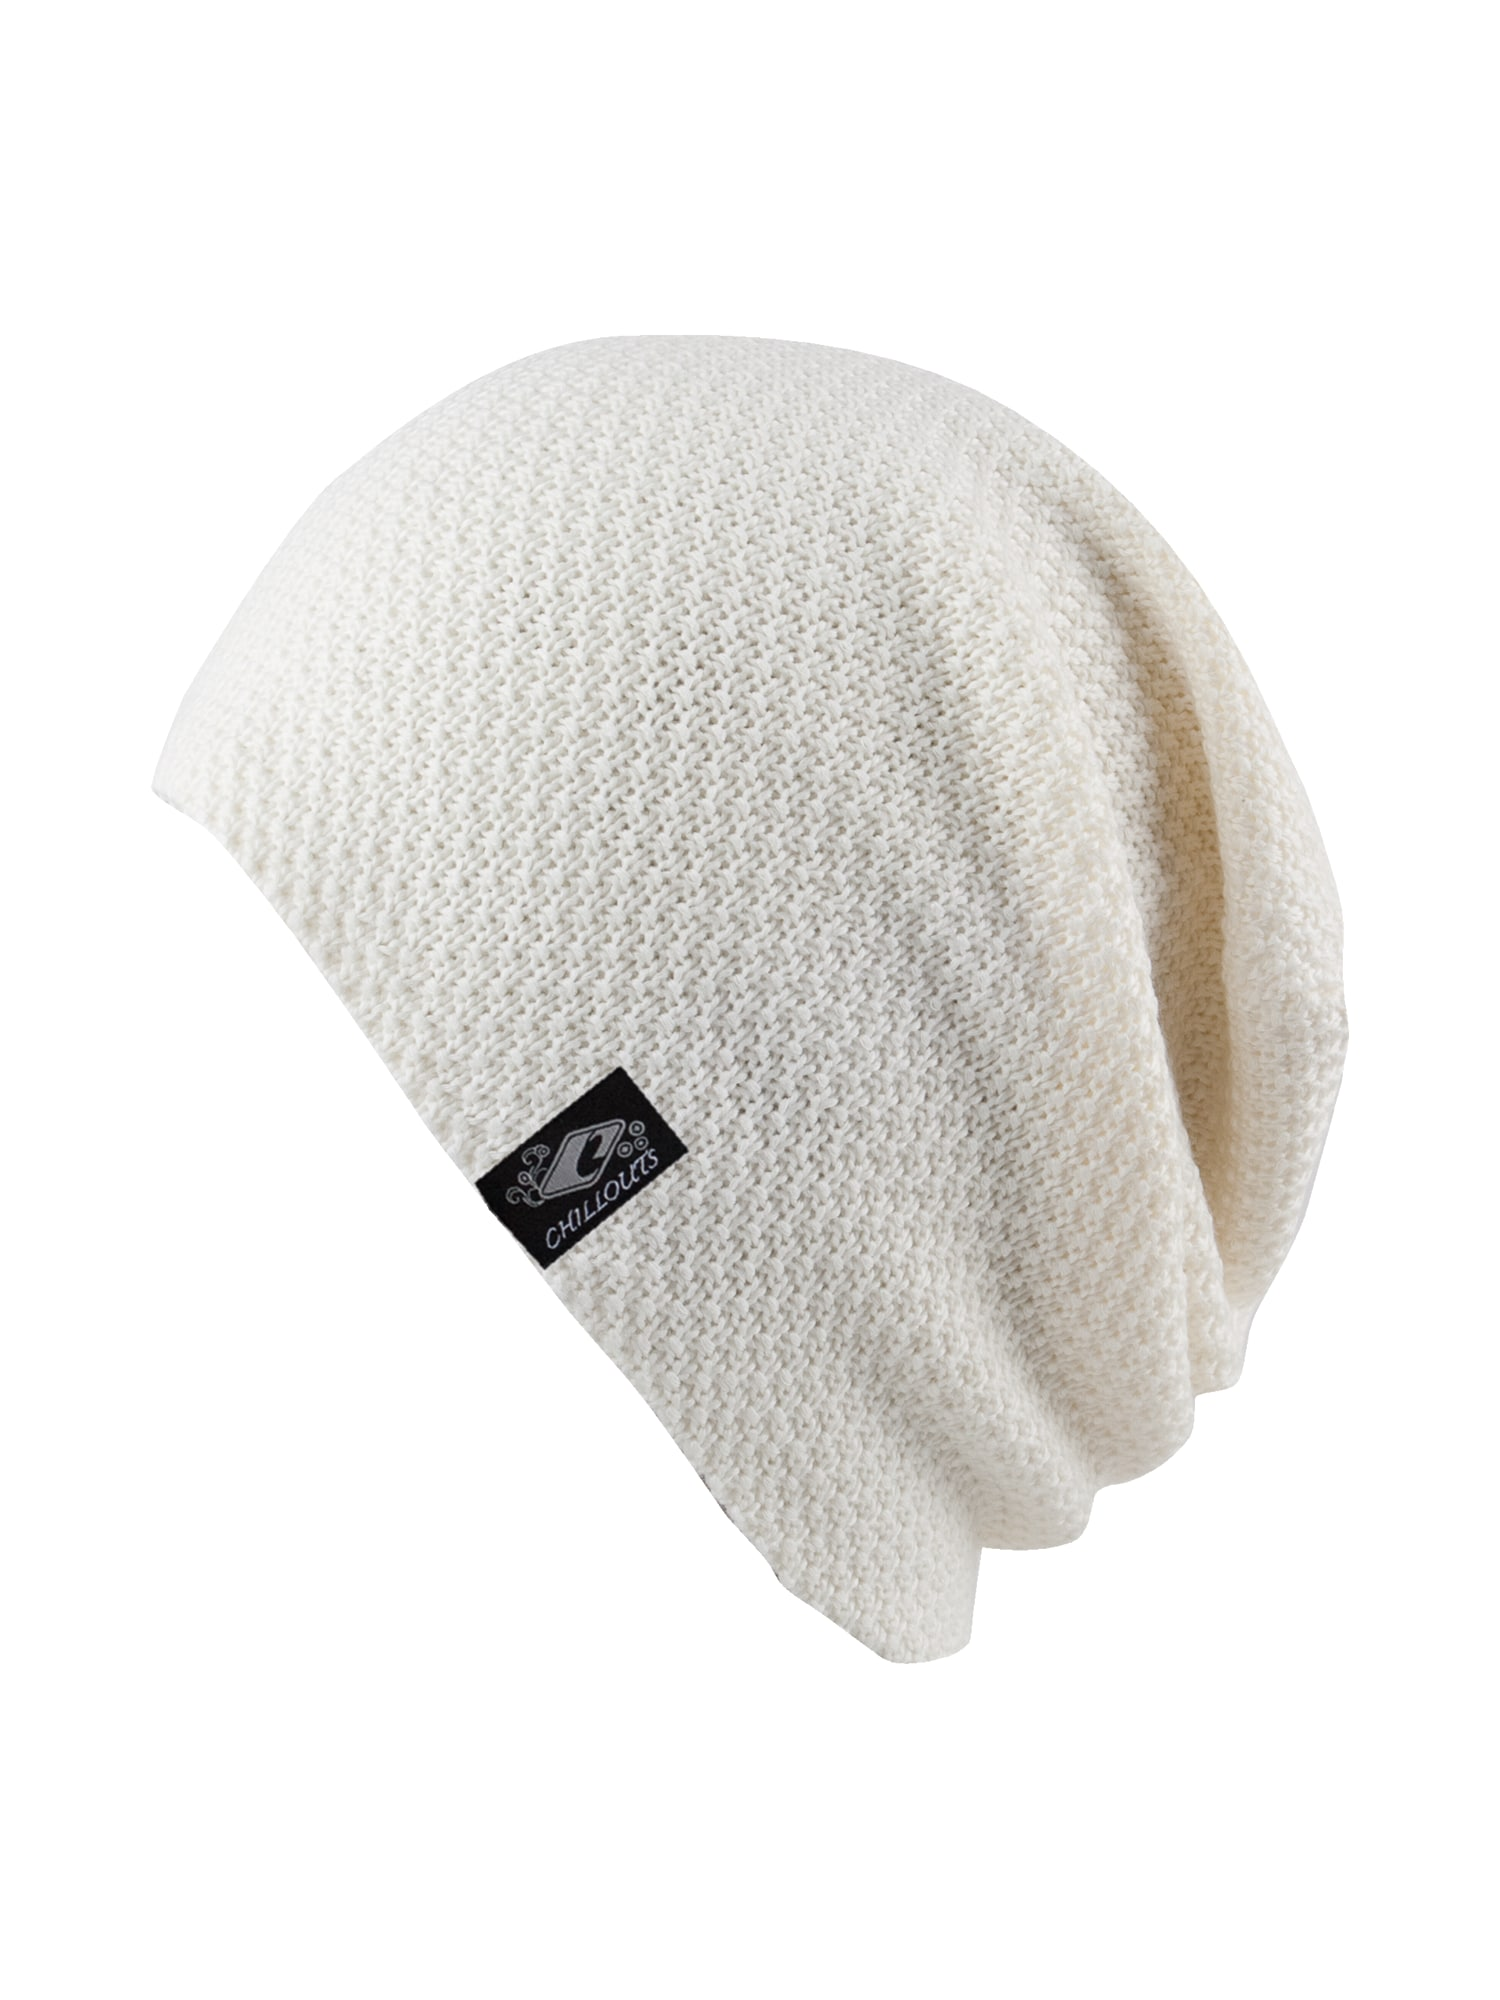 Čepice Osaka Hat bílá Chillouts